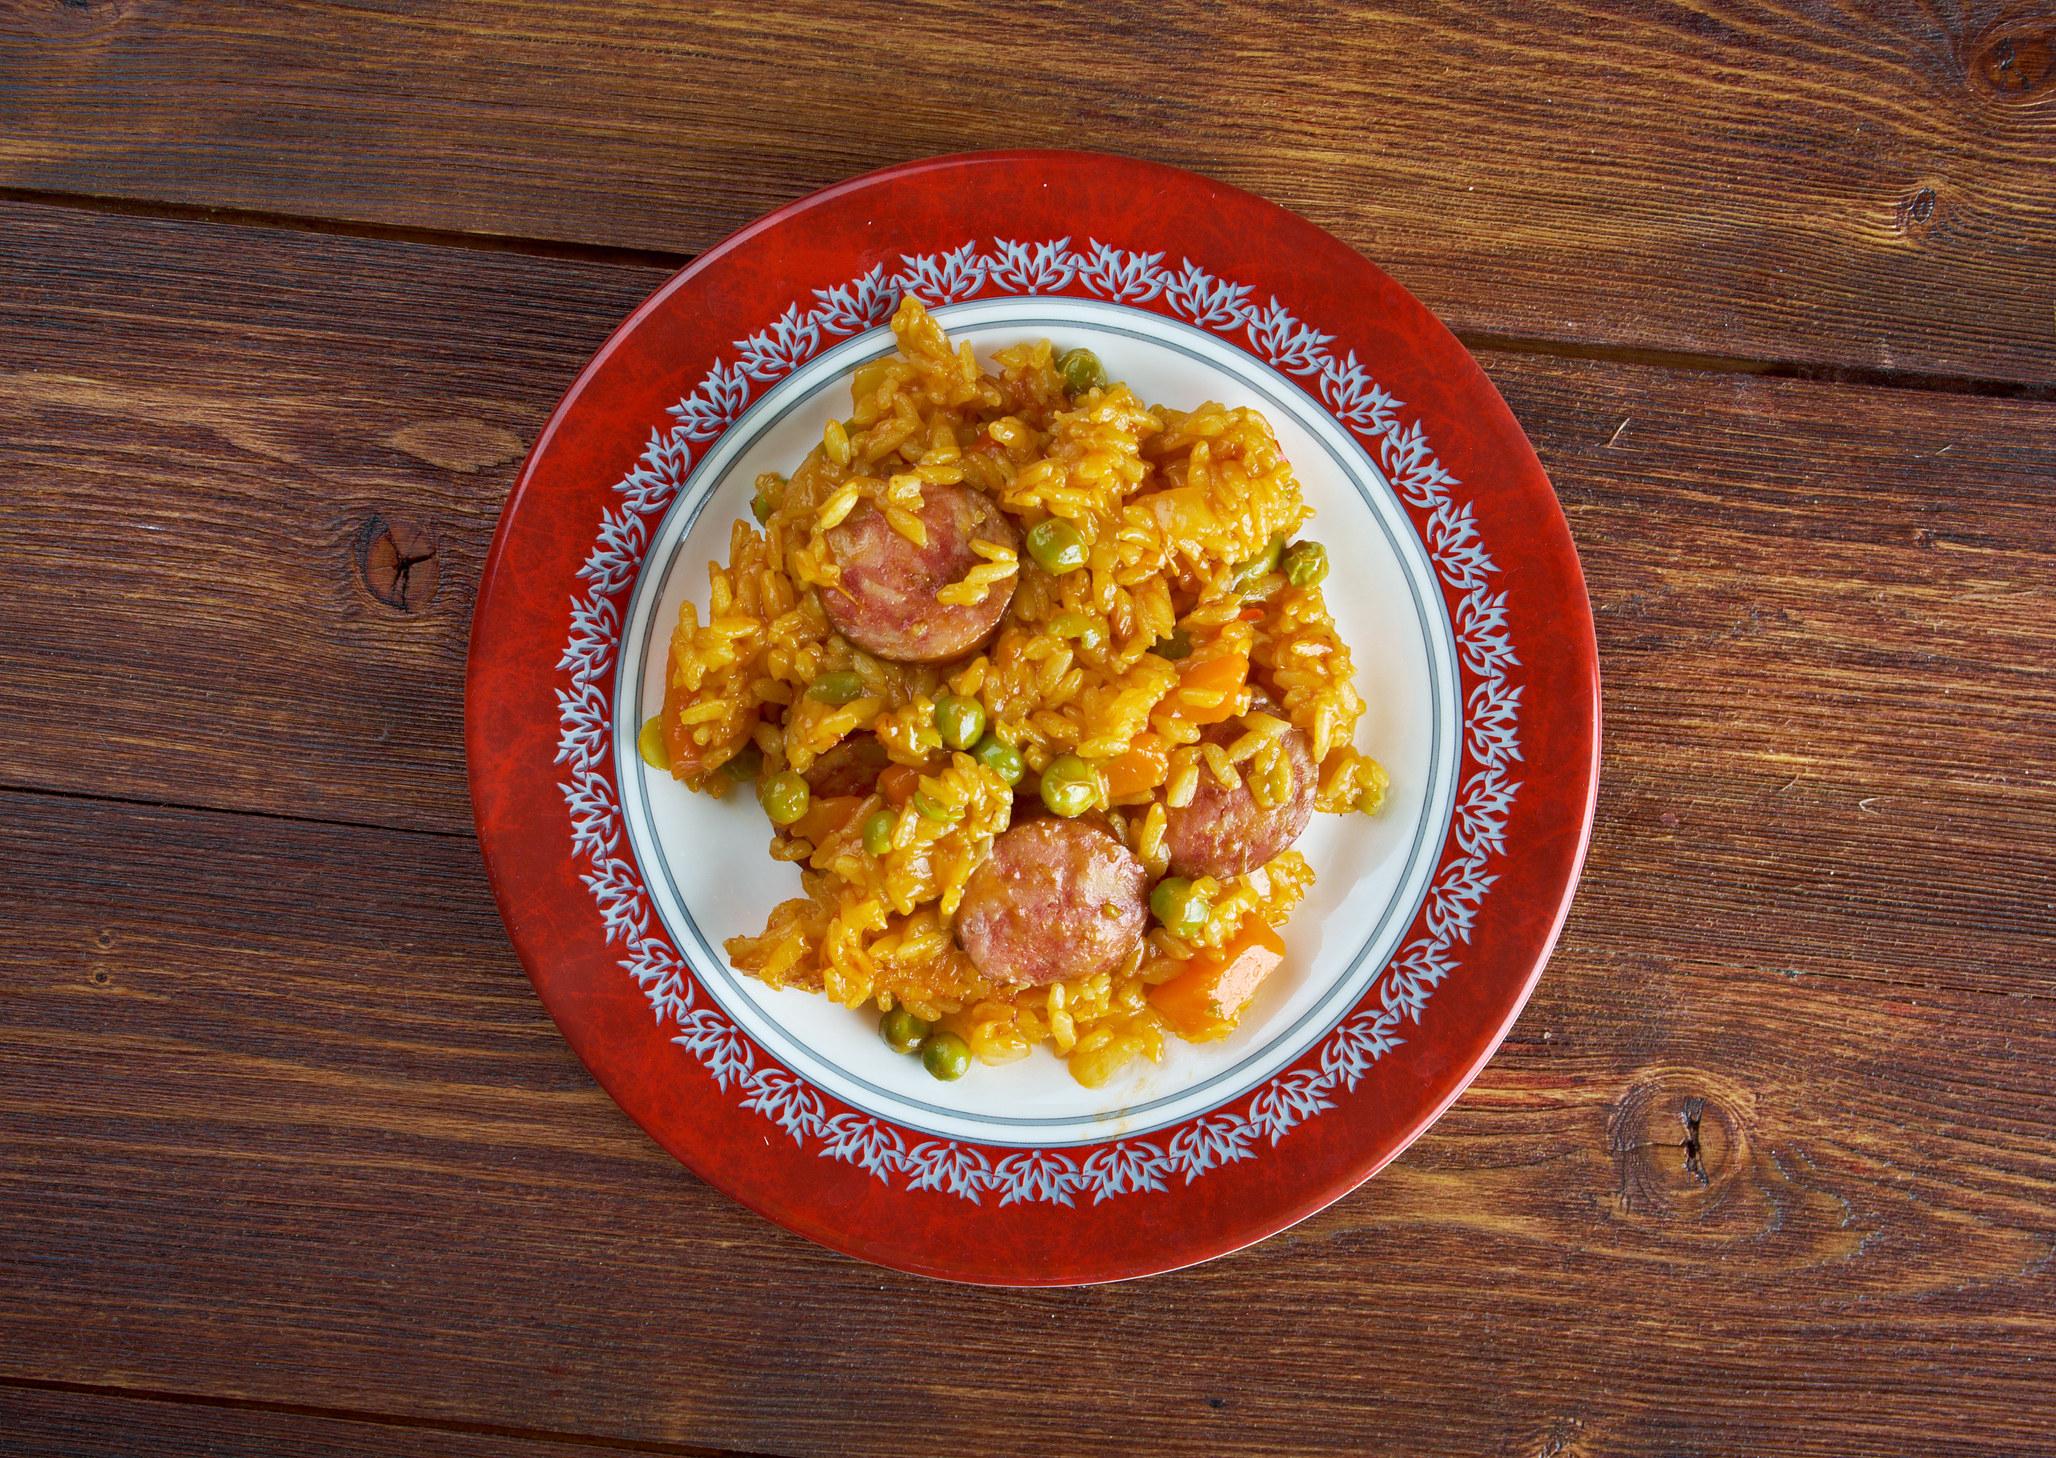 Puerto rican arroz con chorizo and peas.